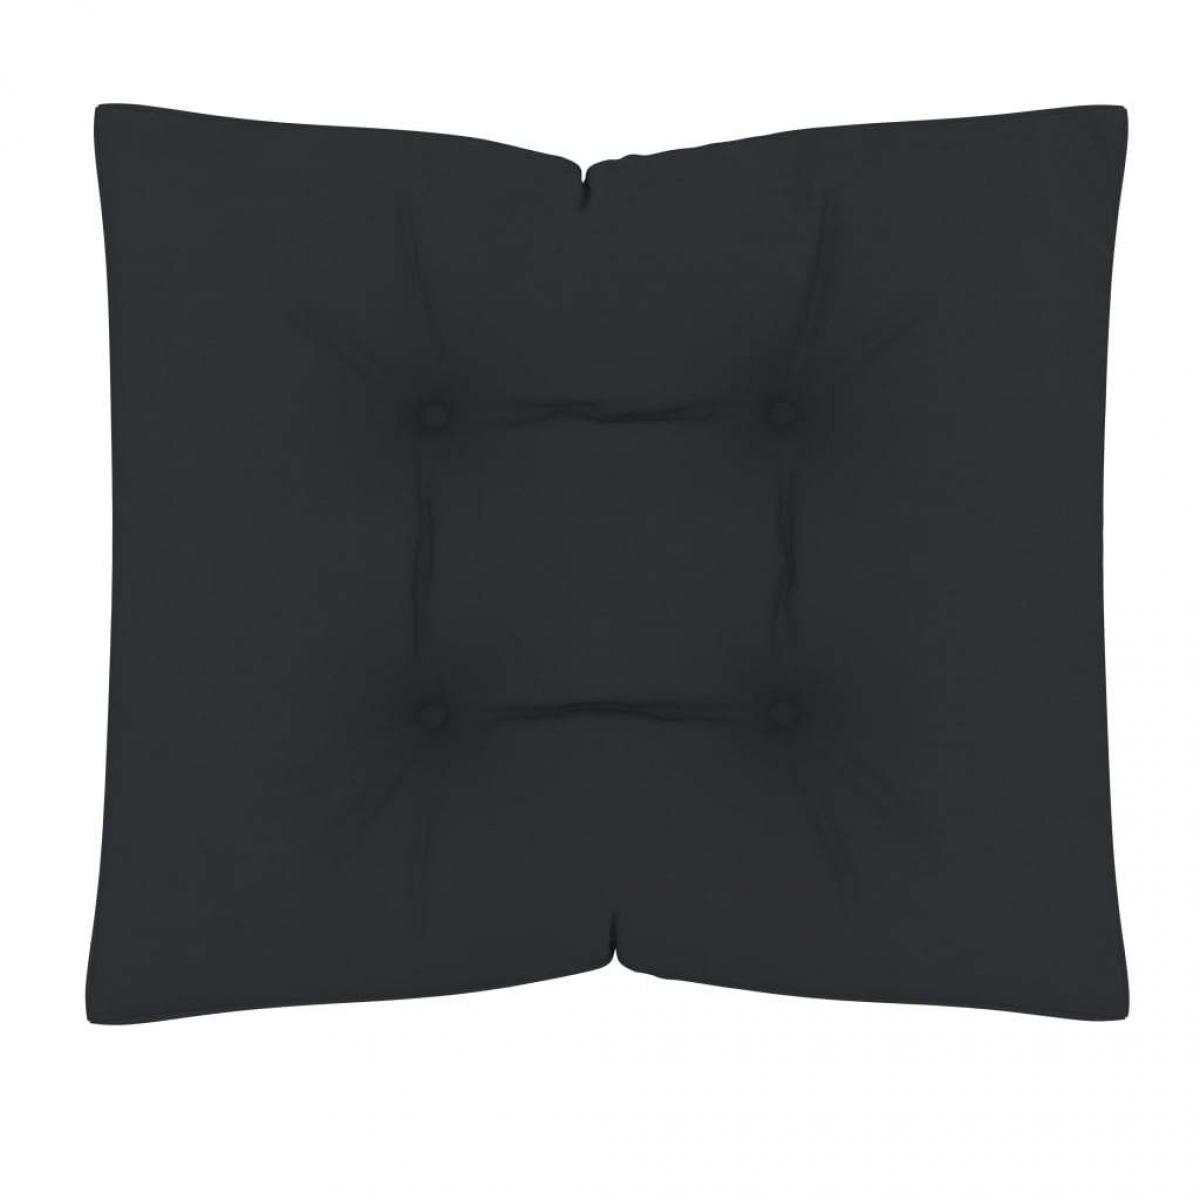 Decoshop26 Coussin de plancher de palette sol 60x61x10 cm Anthracite DEC021595